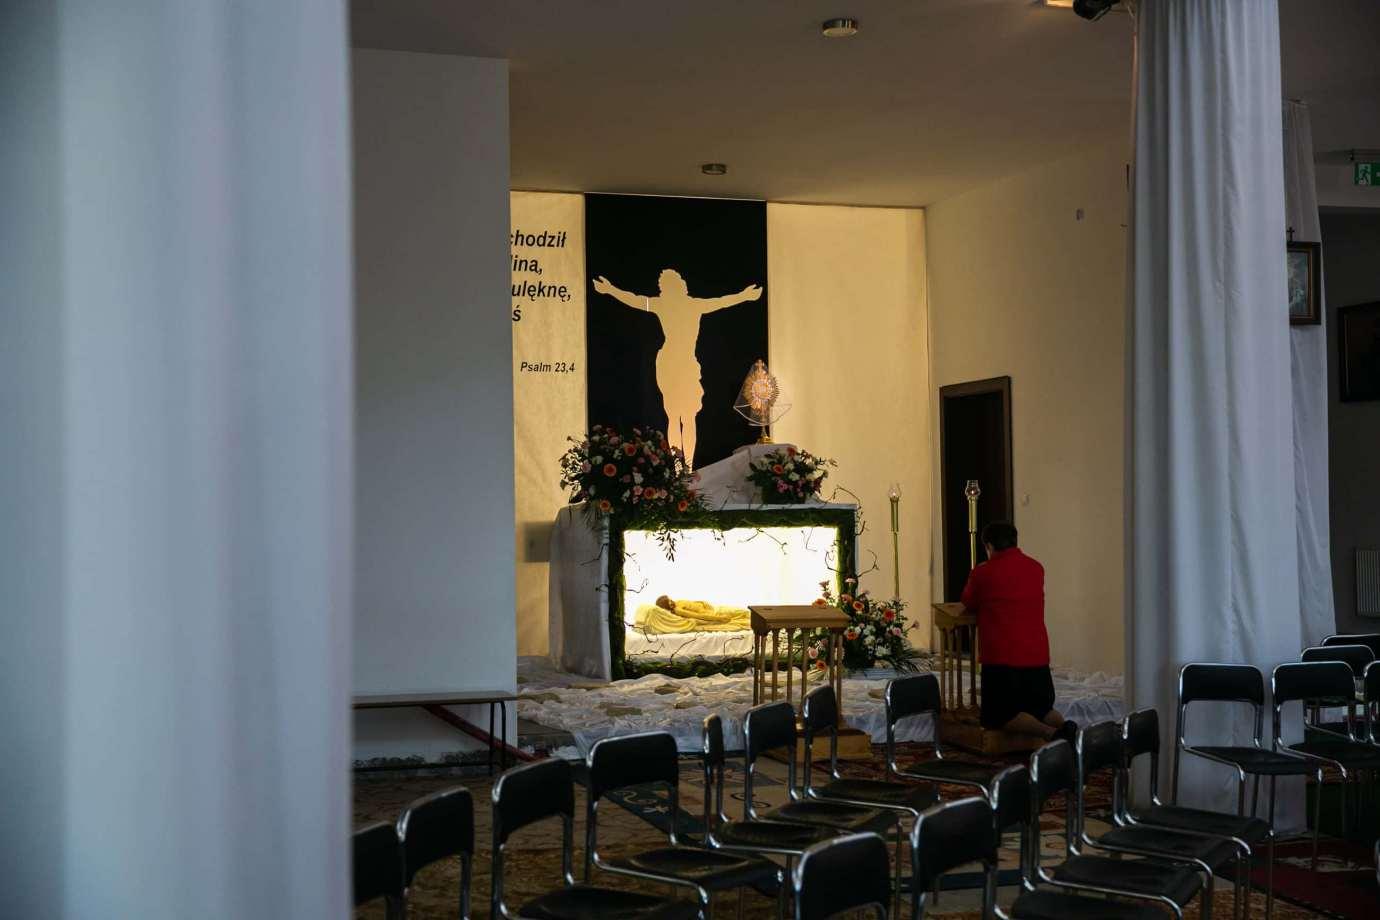 parafia pw swietej bozej opatrznosci w zamosciu 3 Zdjęcia grobów pańskich w zamojskich świątyniach